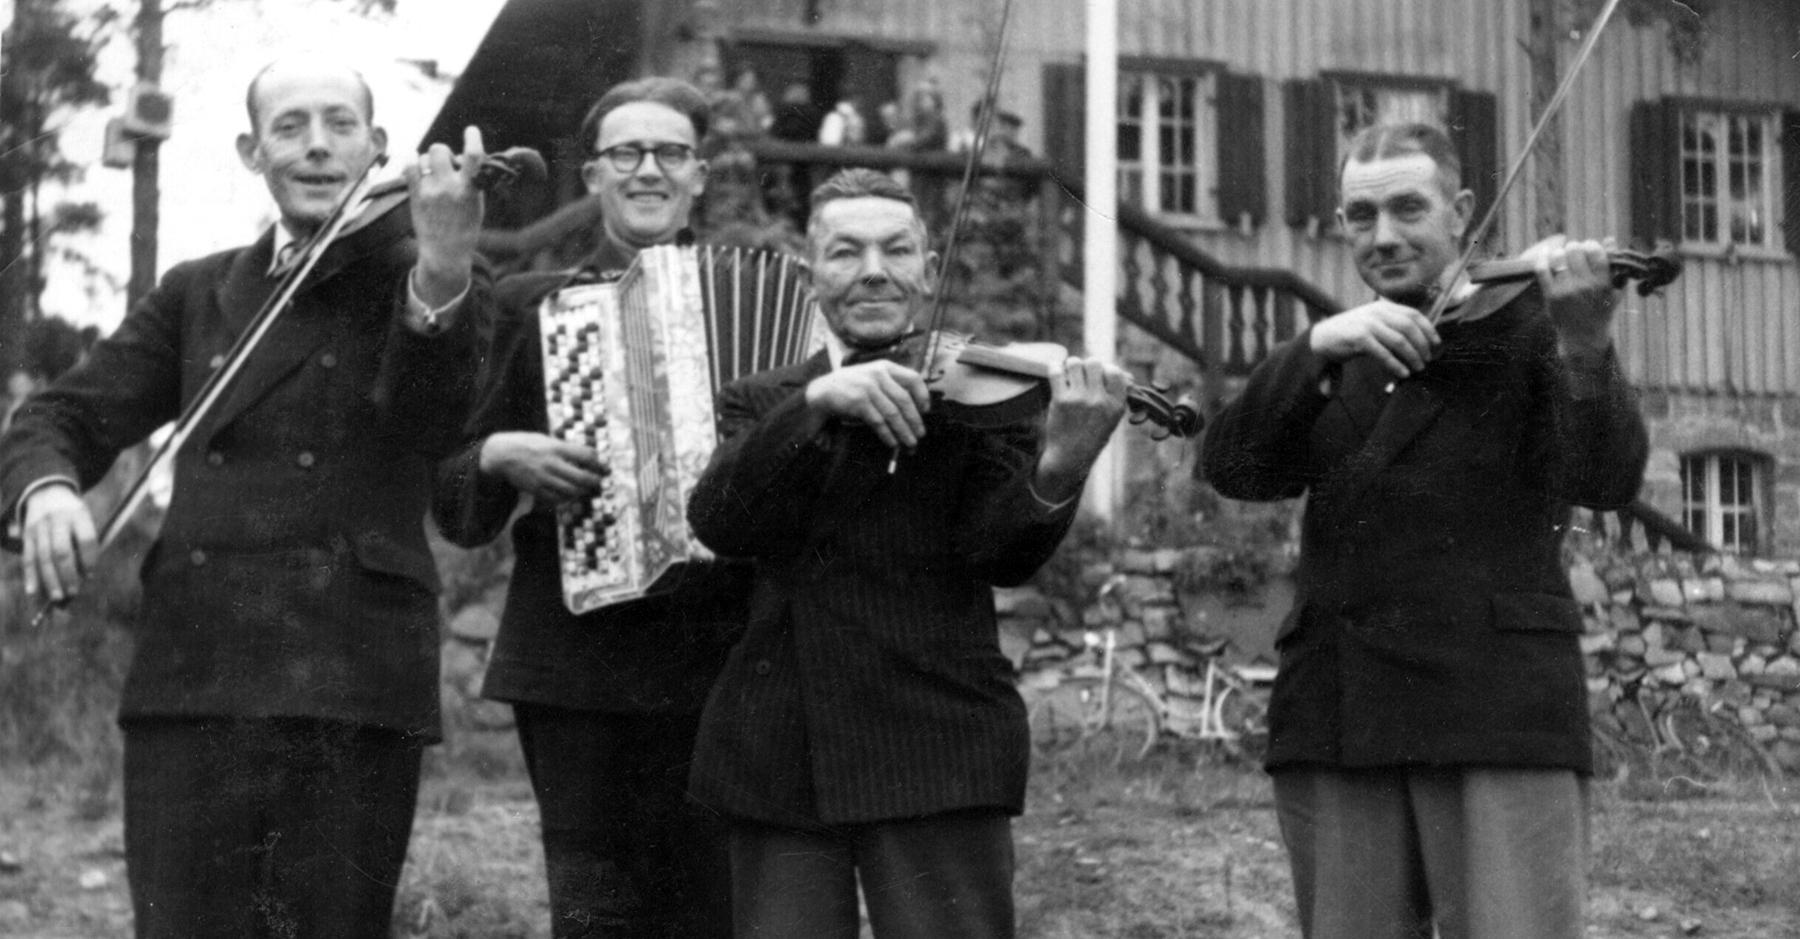 Kaustislaiset soittamassa Oulussa kruunuhäissä: Elias Kentala, Mauri Salo, Friiti Ojala ja Konsta Jylhä.